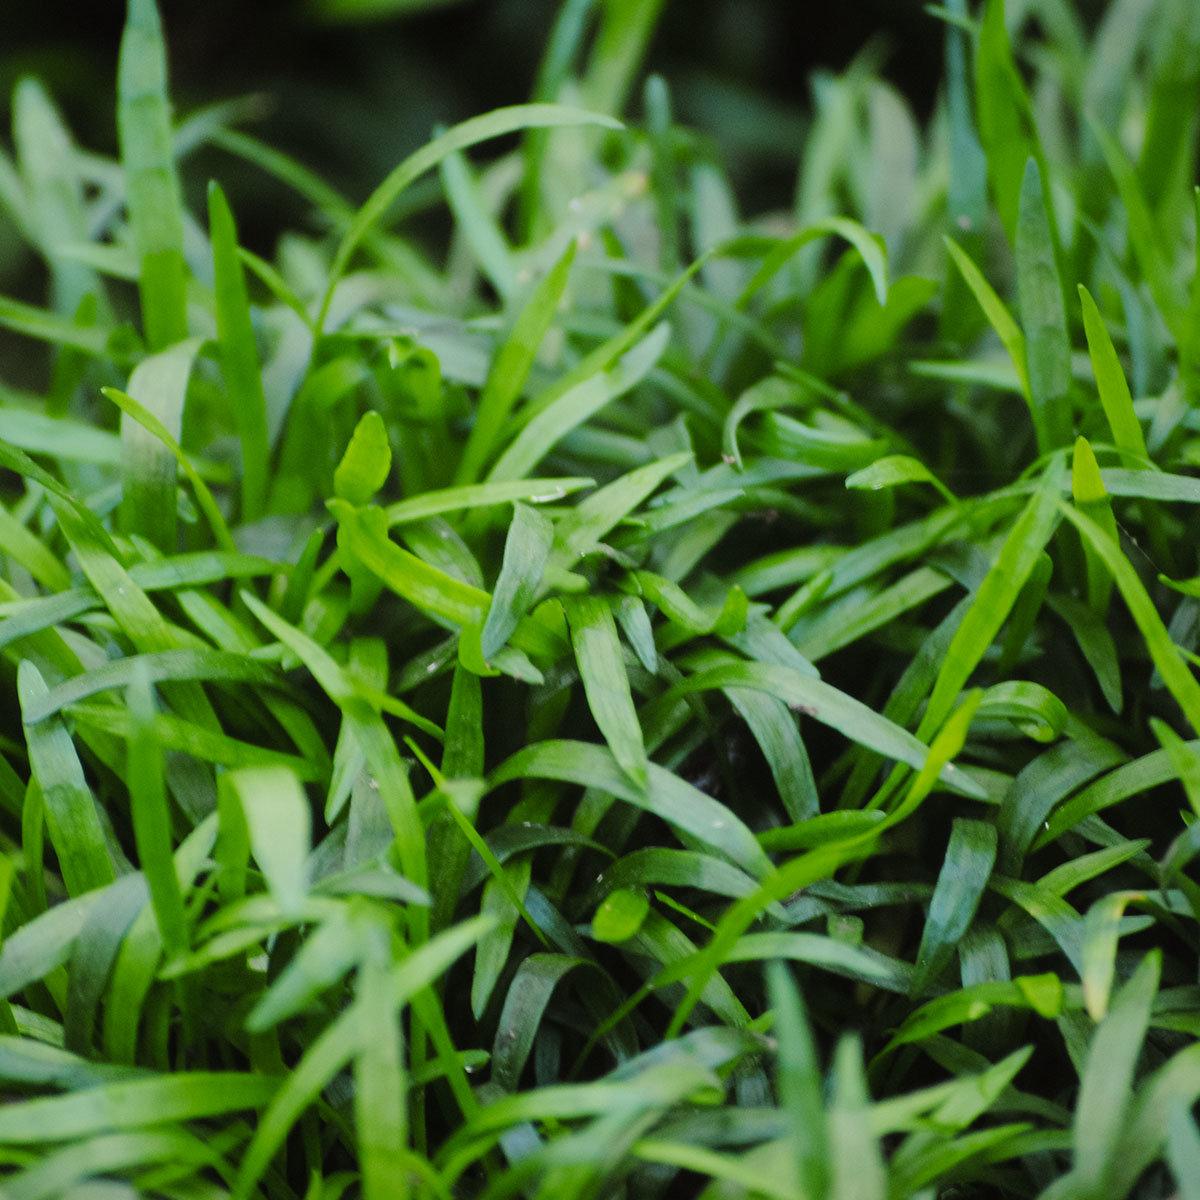 Miniteich Bunte Schale mit Wasserpflanzen | #2